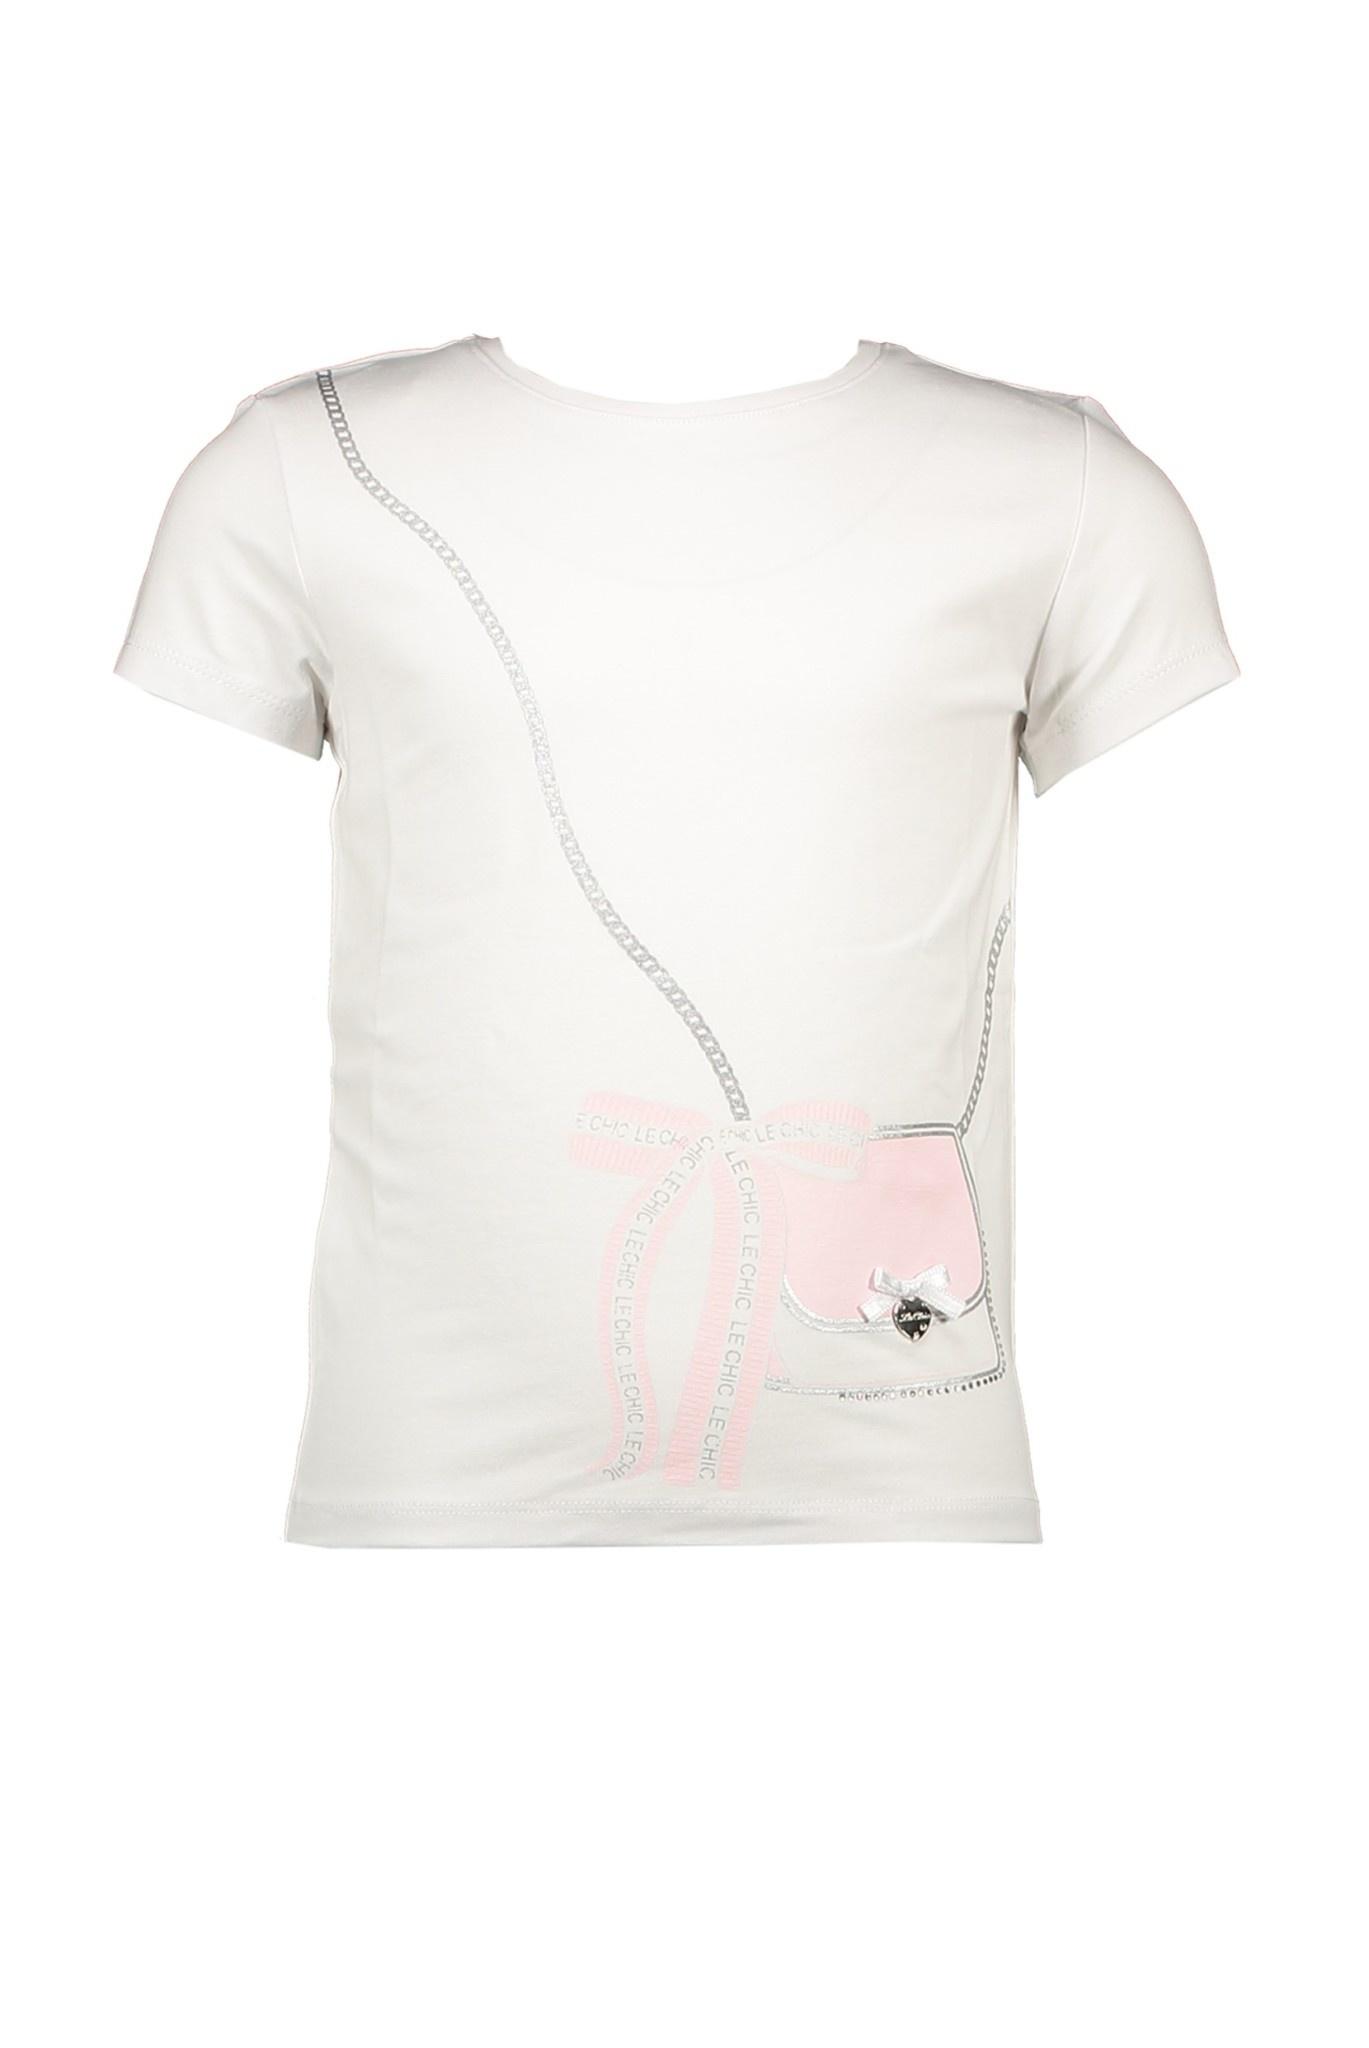 Lechic Le Chic Little Bag & Bow T-Shirt